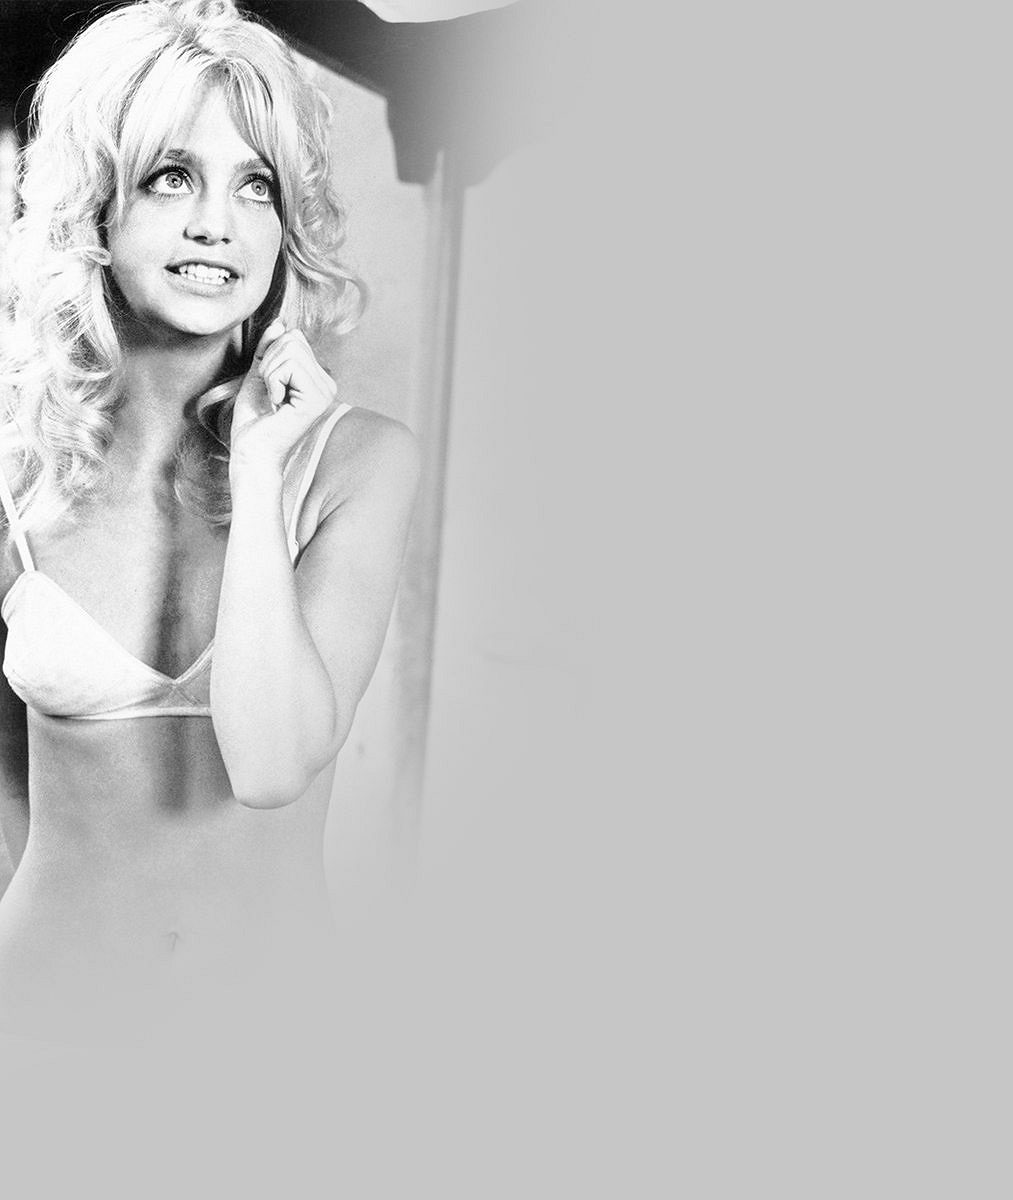 Sedmdesátnice Goldie Hawn se toho nebojí: Podprsenku si nevzala ani na běhání